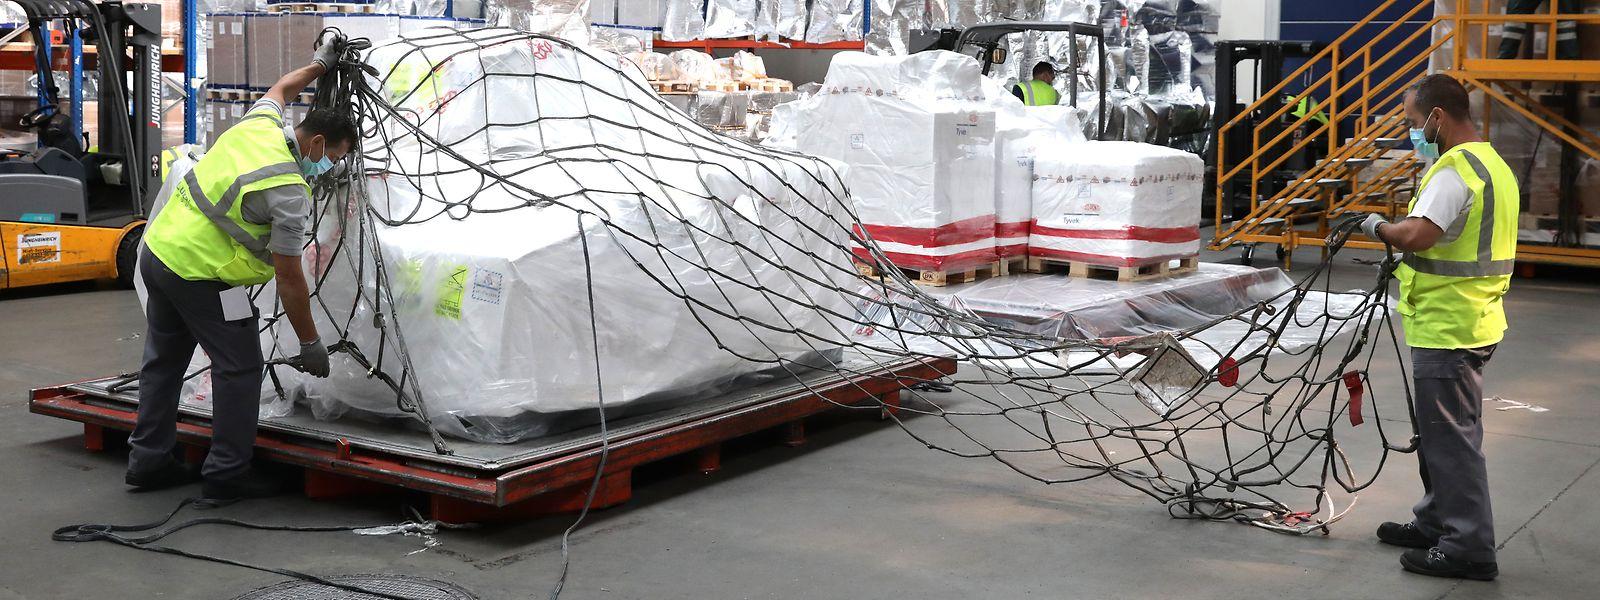 LuxairCargo aura manipulé 6% de tonnes de marchandises en plus en 2020 par rapport à 2019.